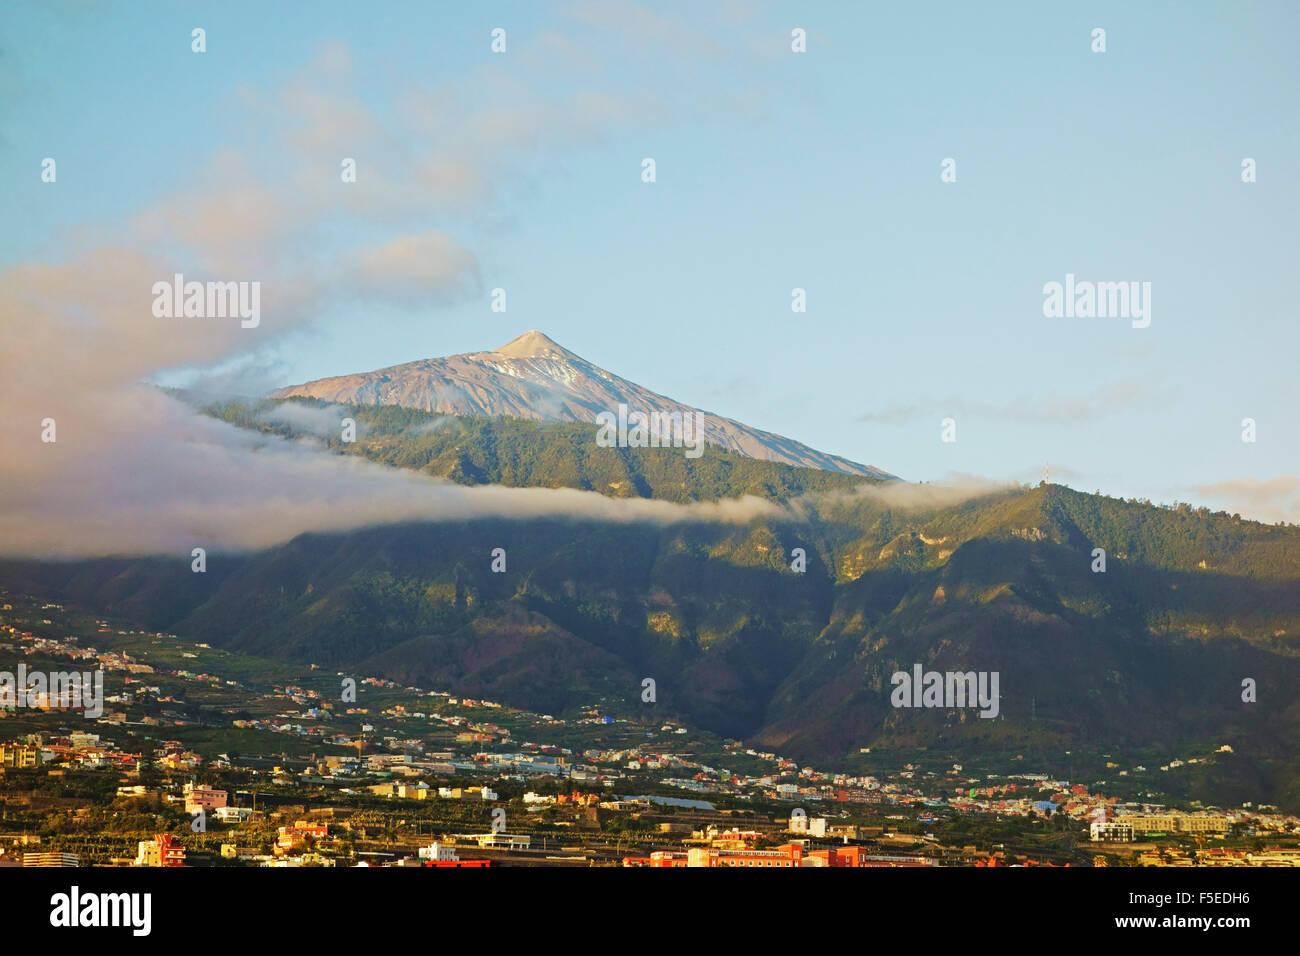 El pico del Teide y al Valle de La Orotava, Tenerife, Islas Canarias, Atlántico, Europa Imagen De Stock